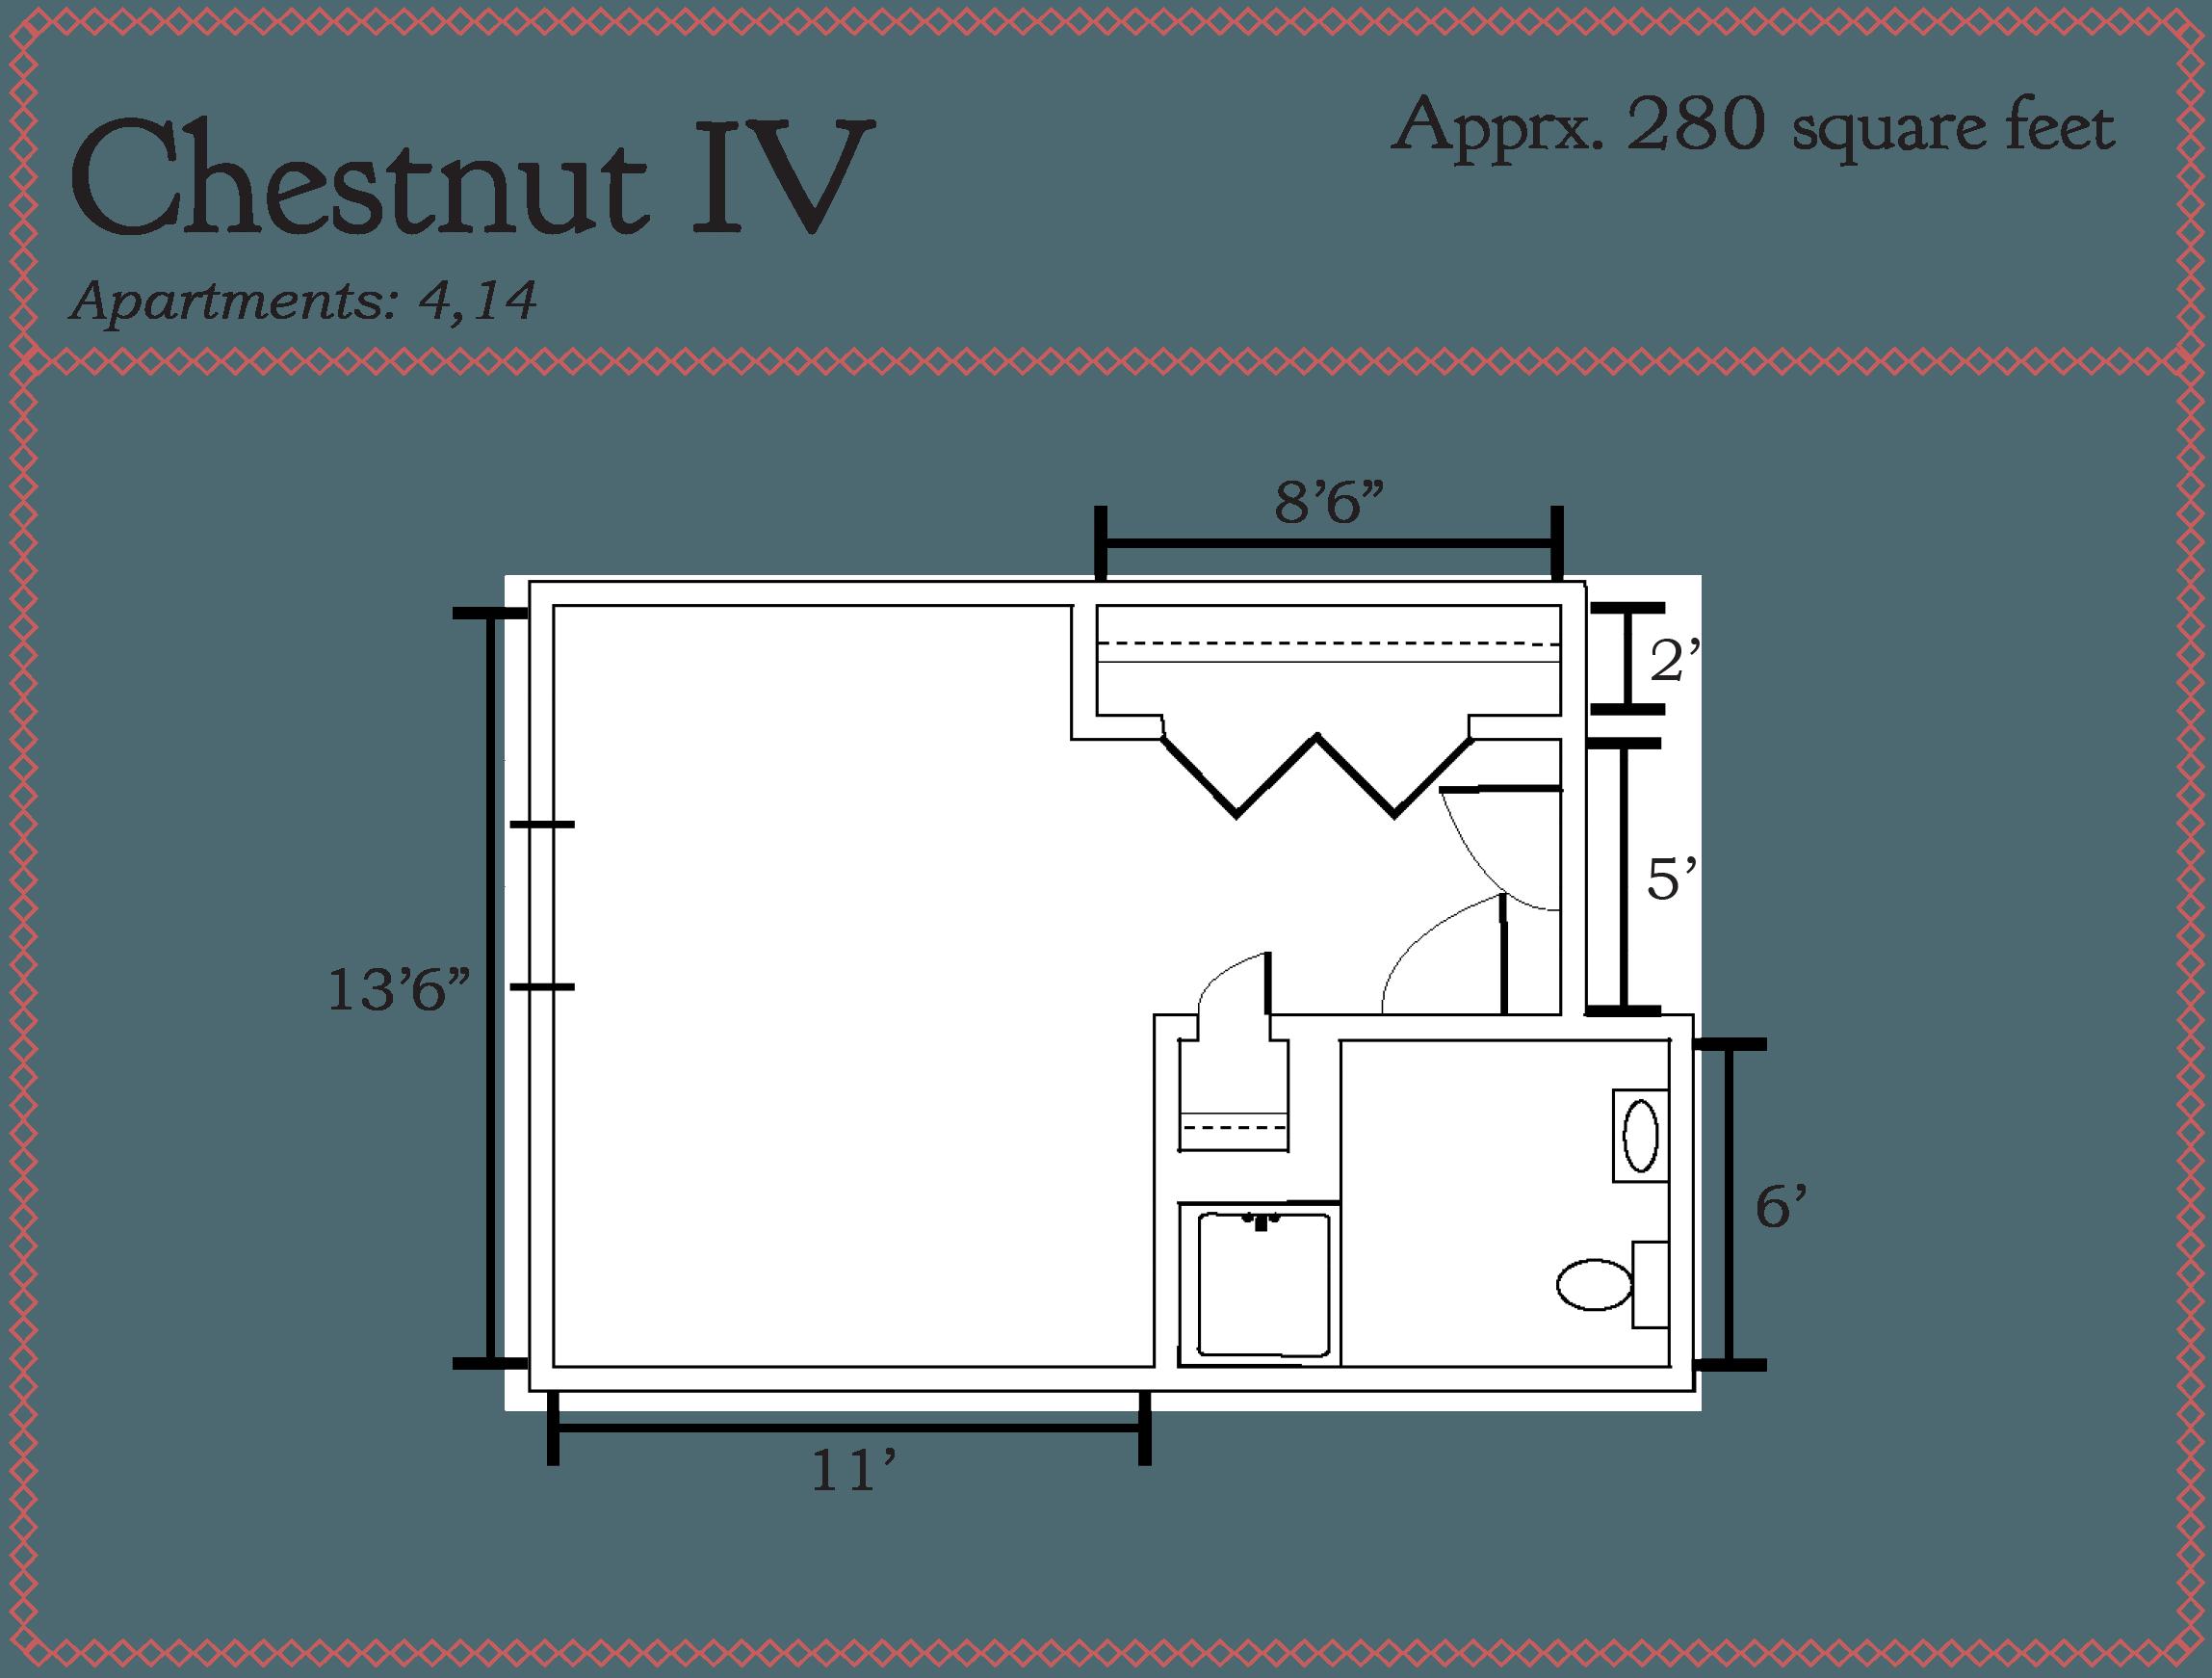 Chestnut IV